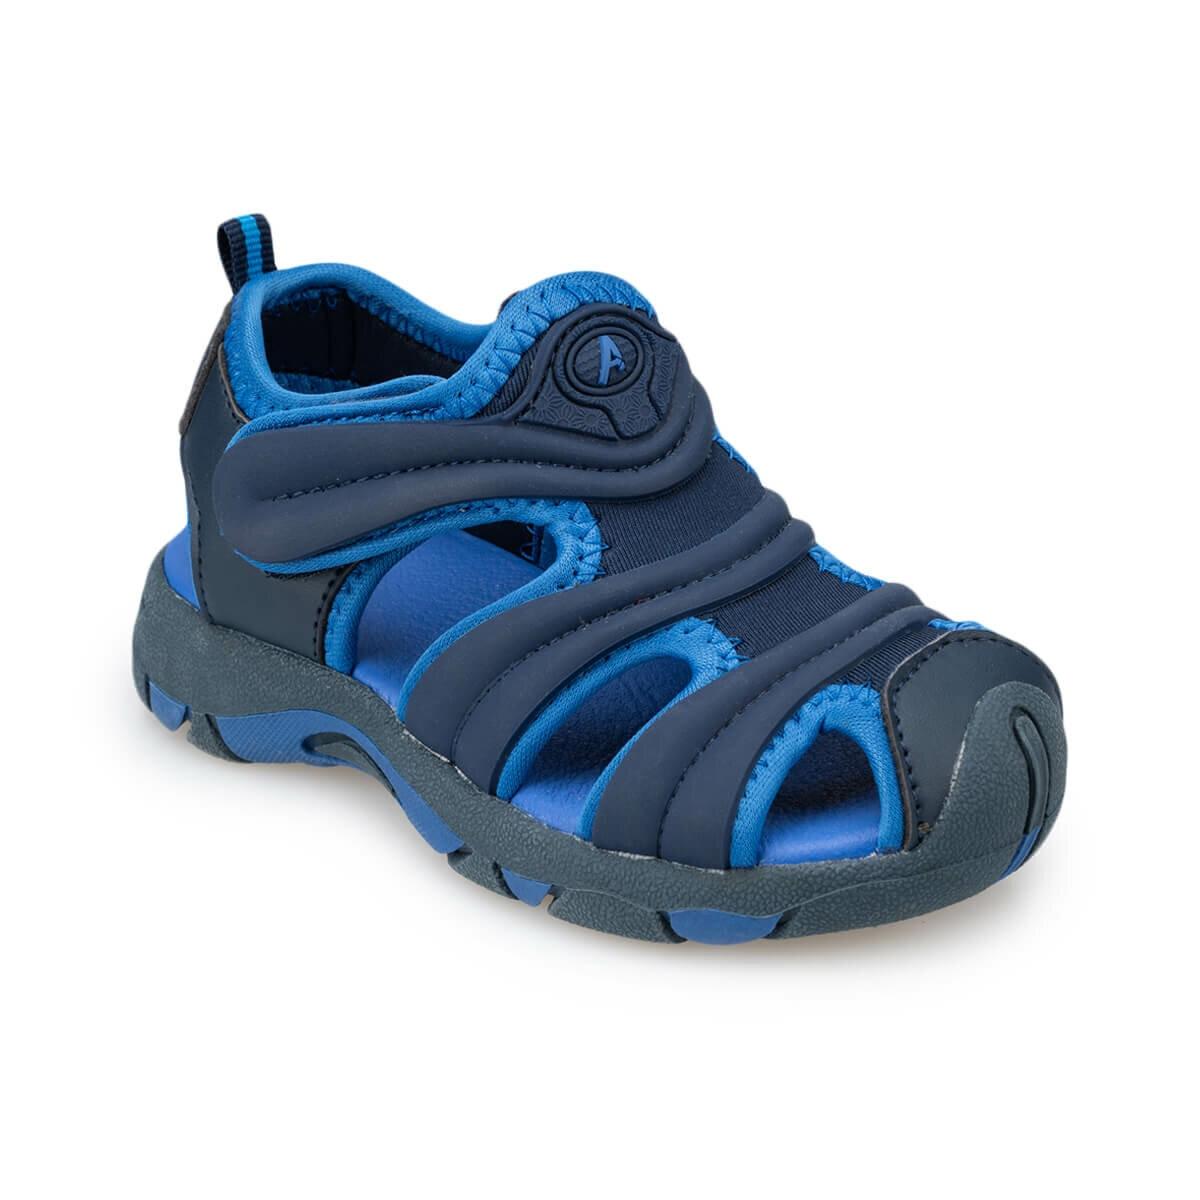 FLO 91.511194.P Navy Blue Male Child Sports Shoes Polaris